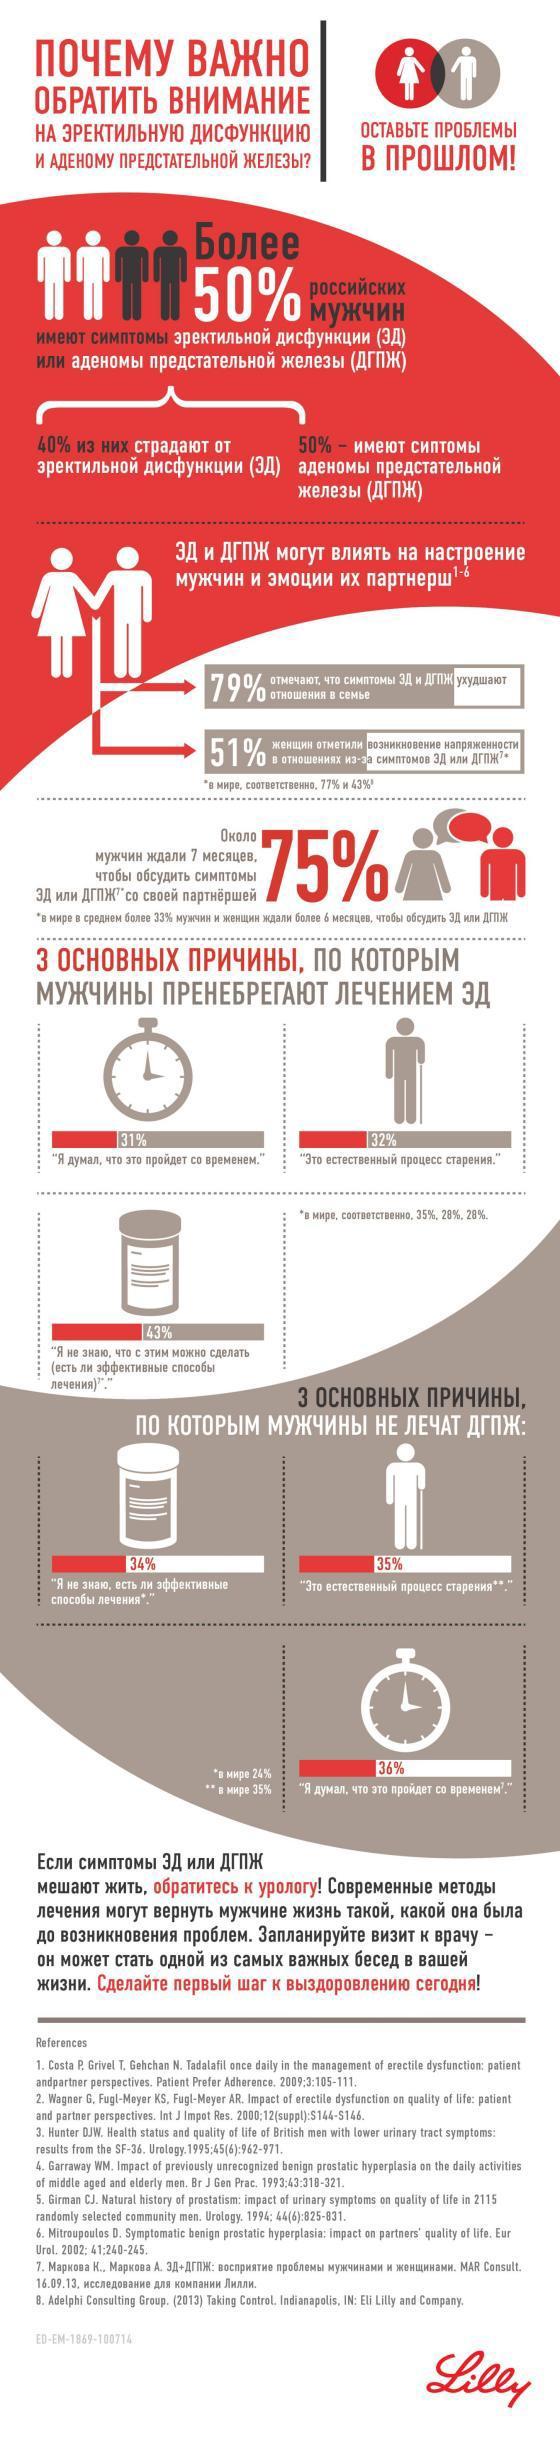 Важные аспекты мужского здоровья.